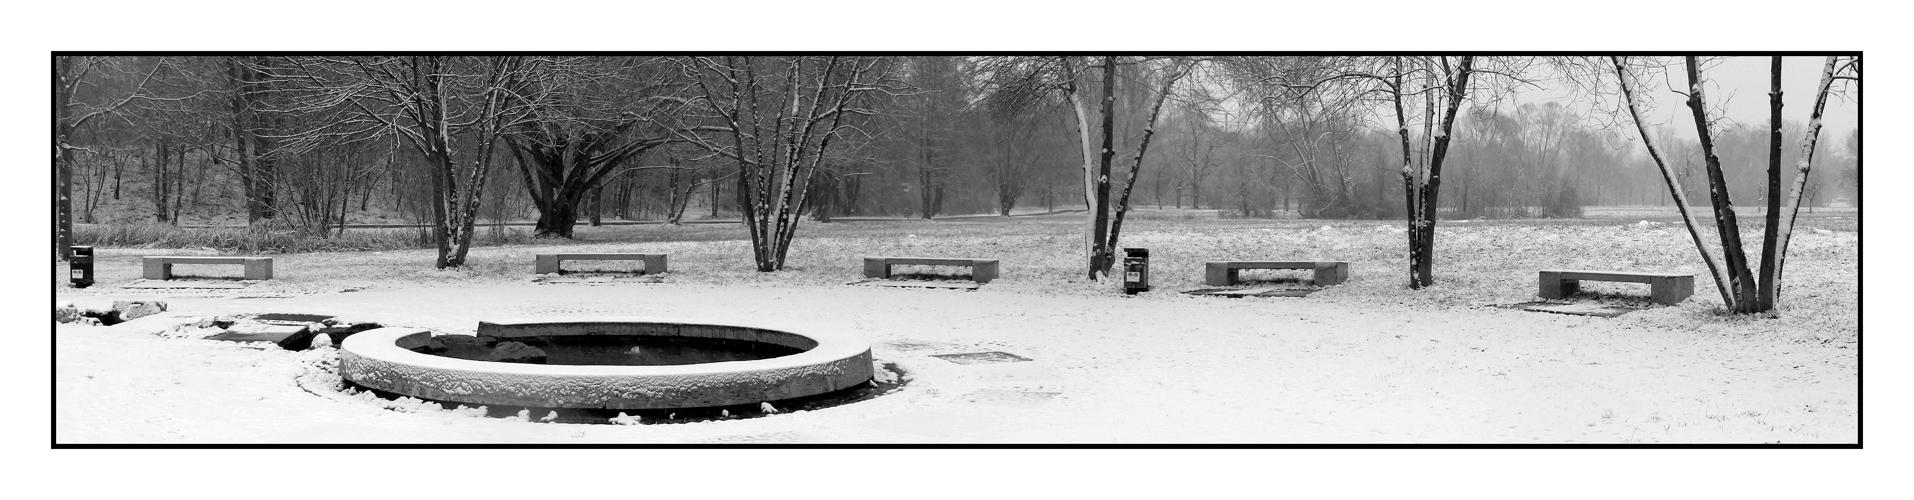 Bänke im Schnee: - 4 - Fünf am See - reload